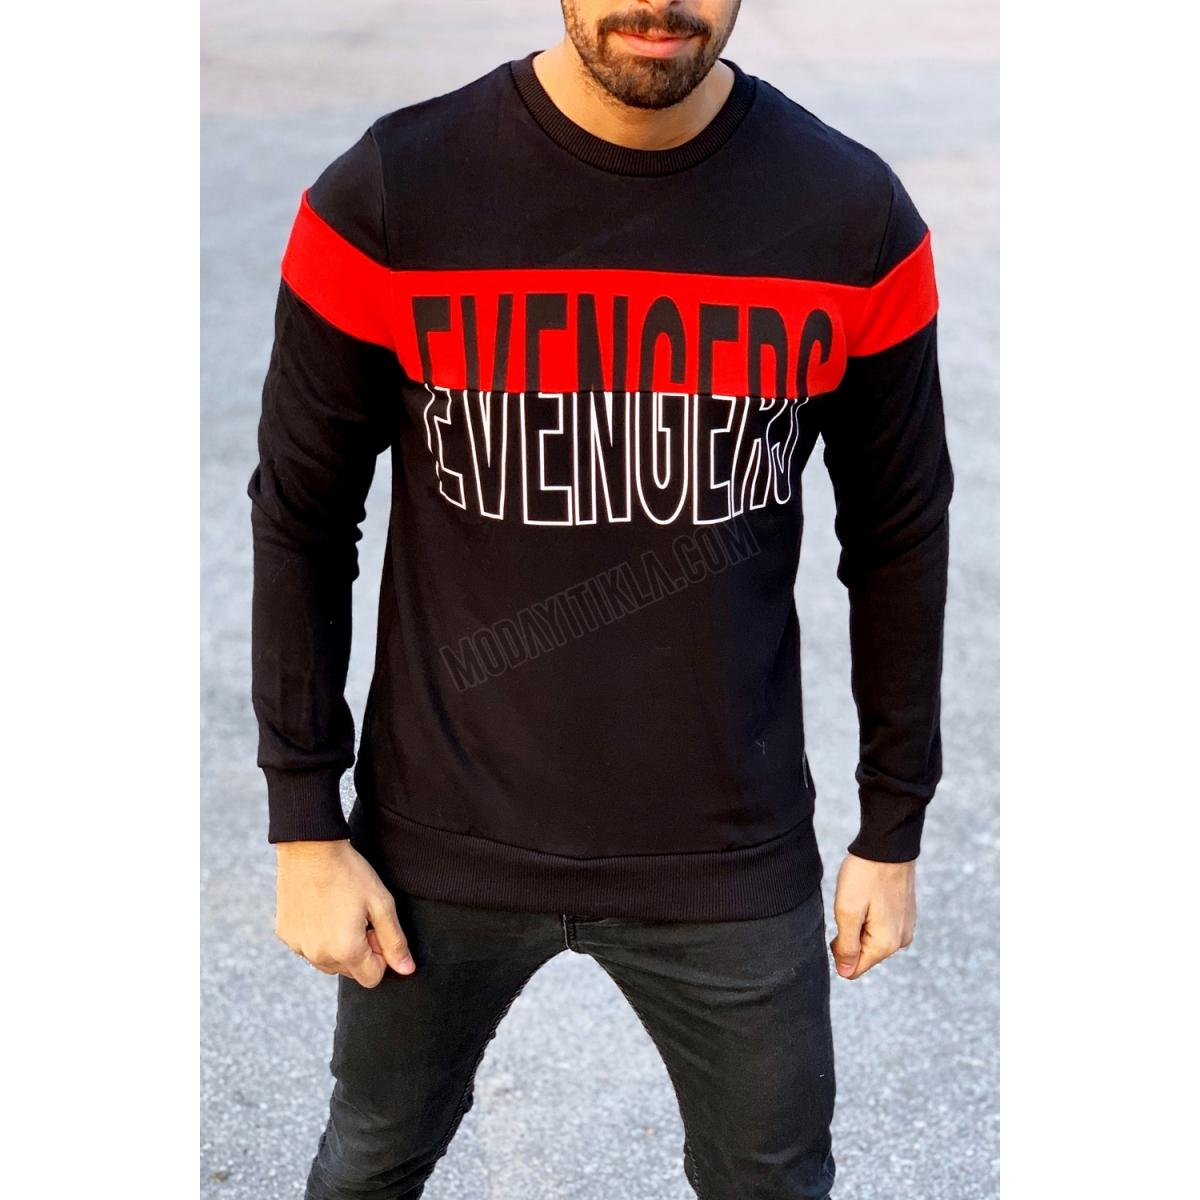 Erkek Evengers Yazı Detaylı Siyah Sweatshirt